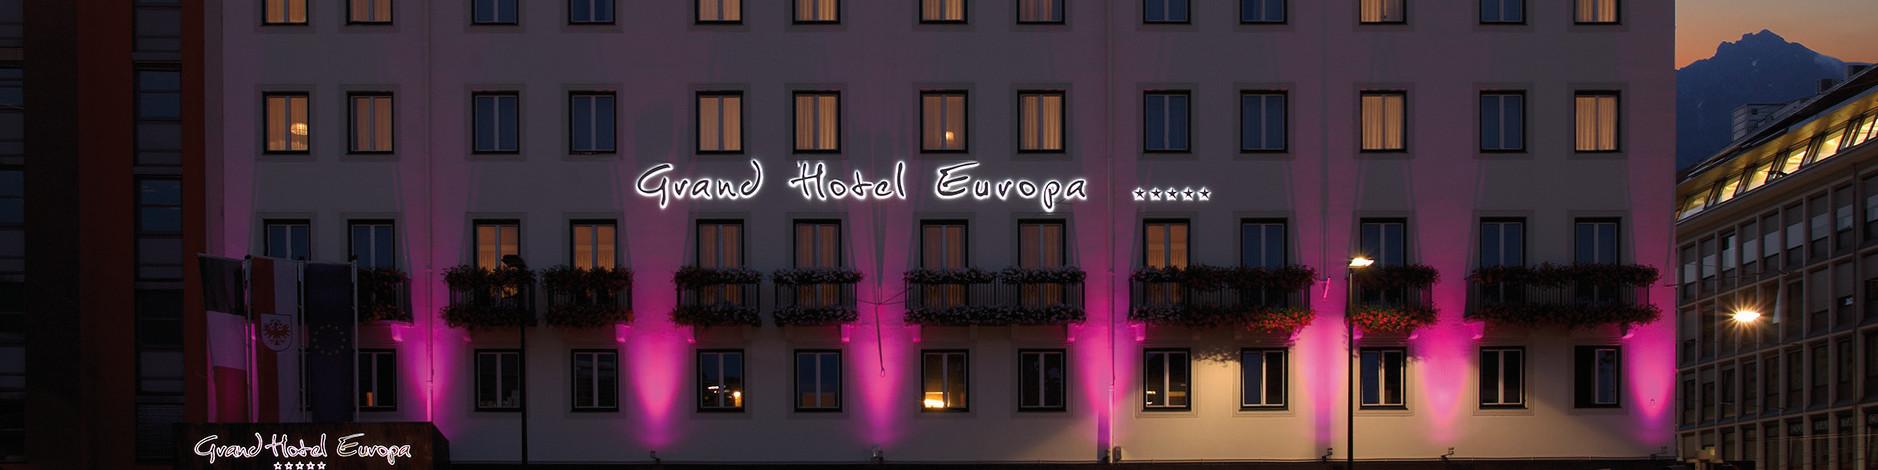 Grand Hotel Europa - Aussenansicht bei Nacht © Grand Hotel Europa Innsbruck | Harald Voglhuber